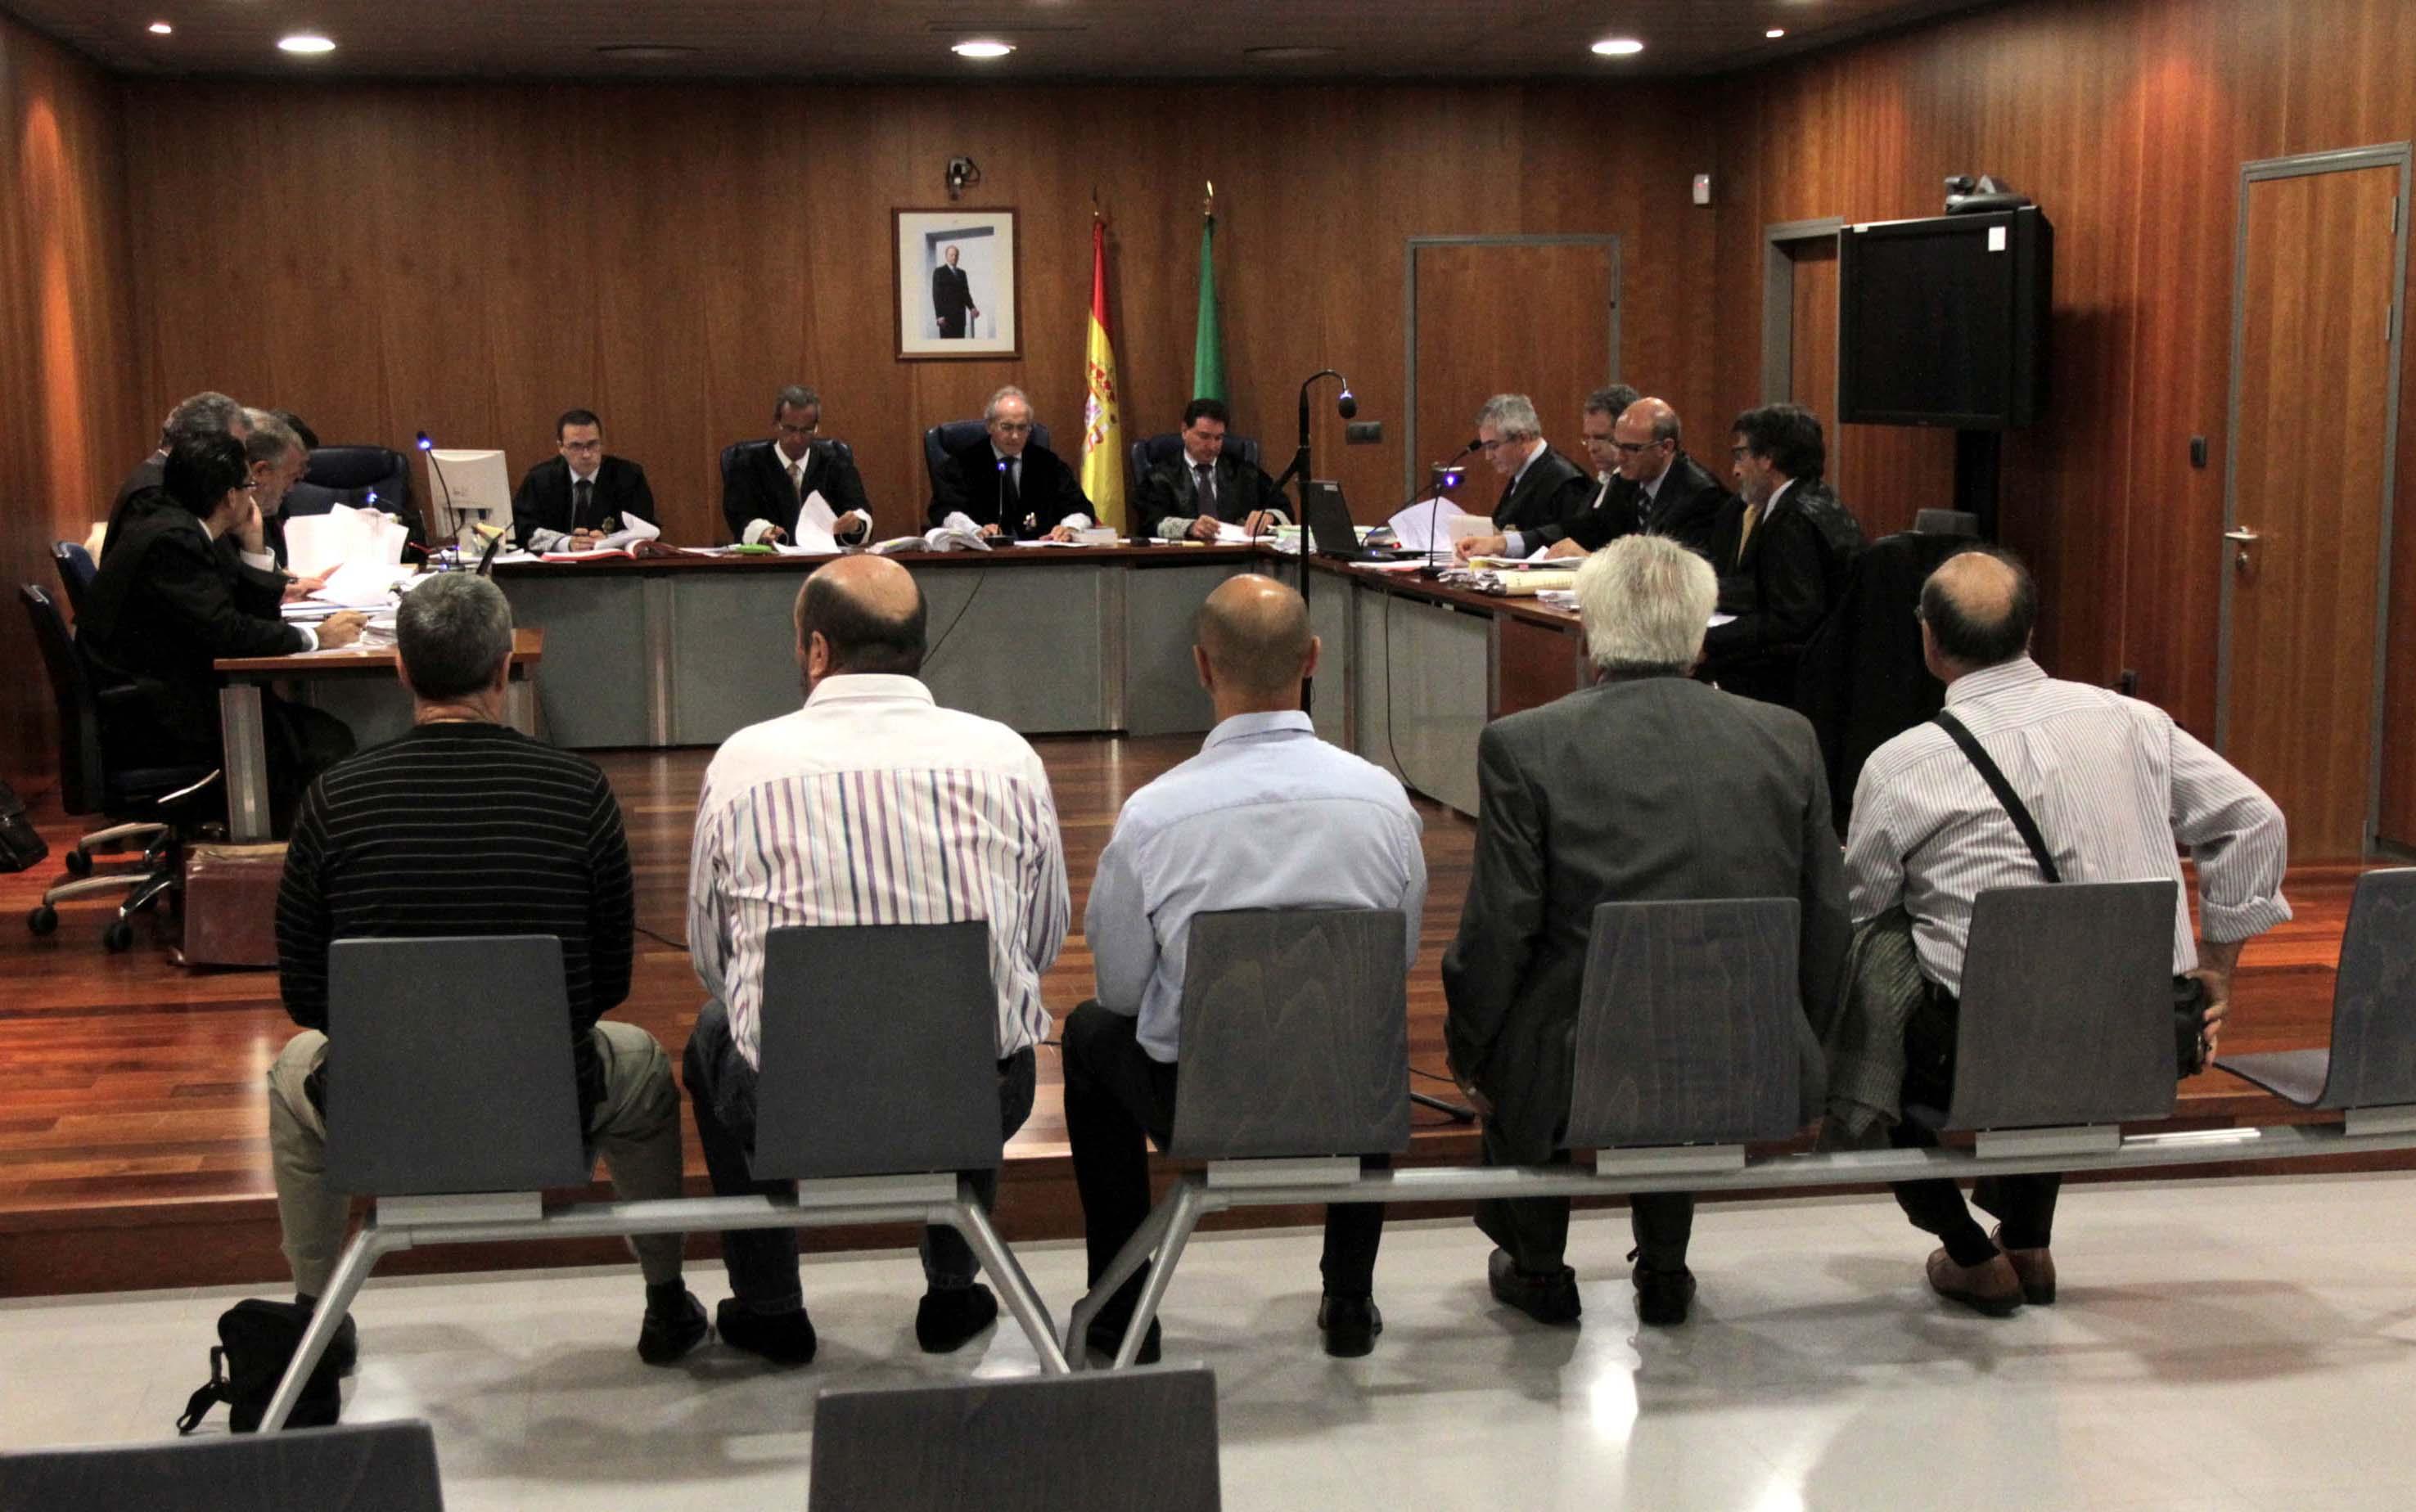 Nueva sesión del juicio por presuntos abusos sexuales en el CIE de Málaga